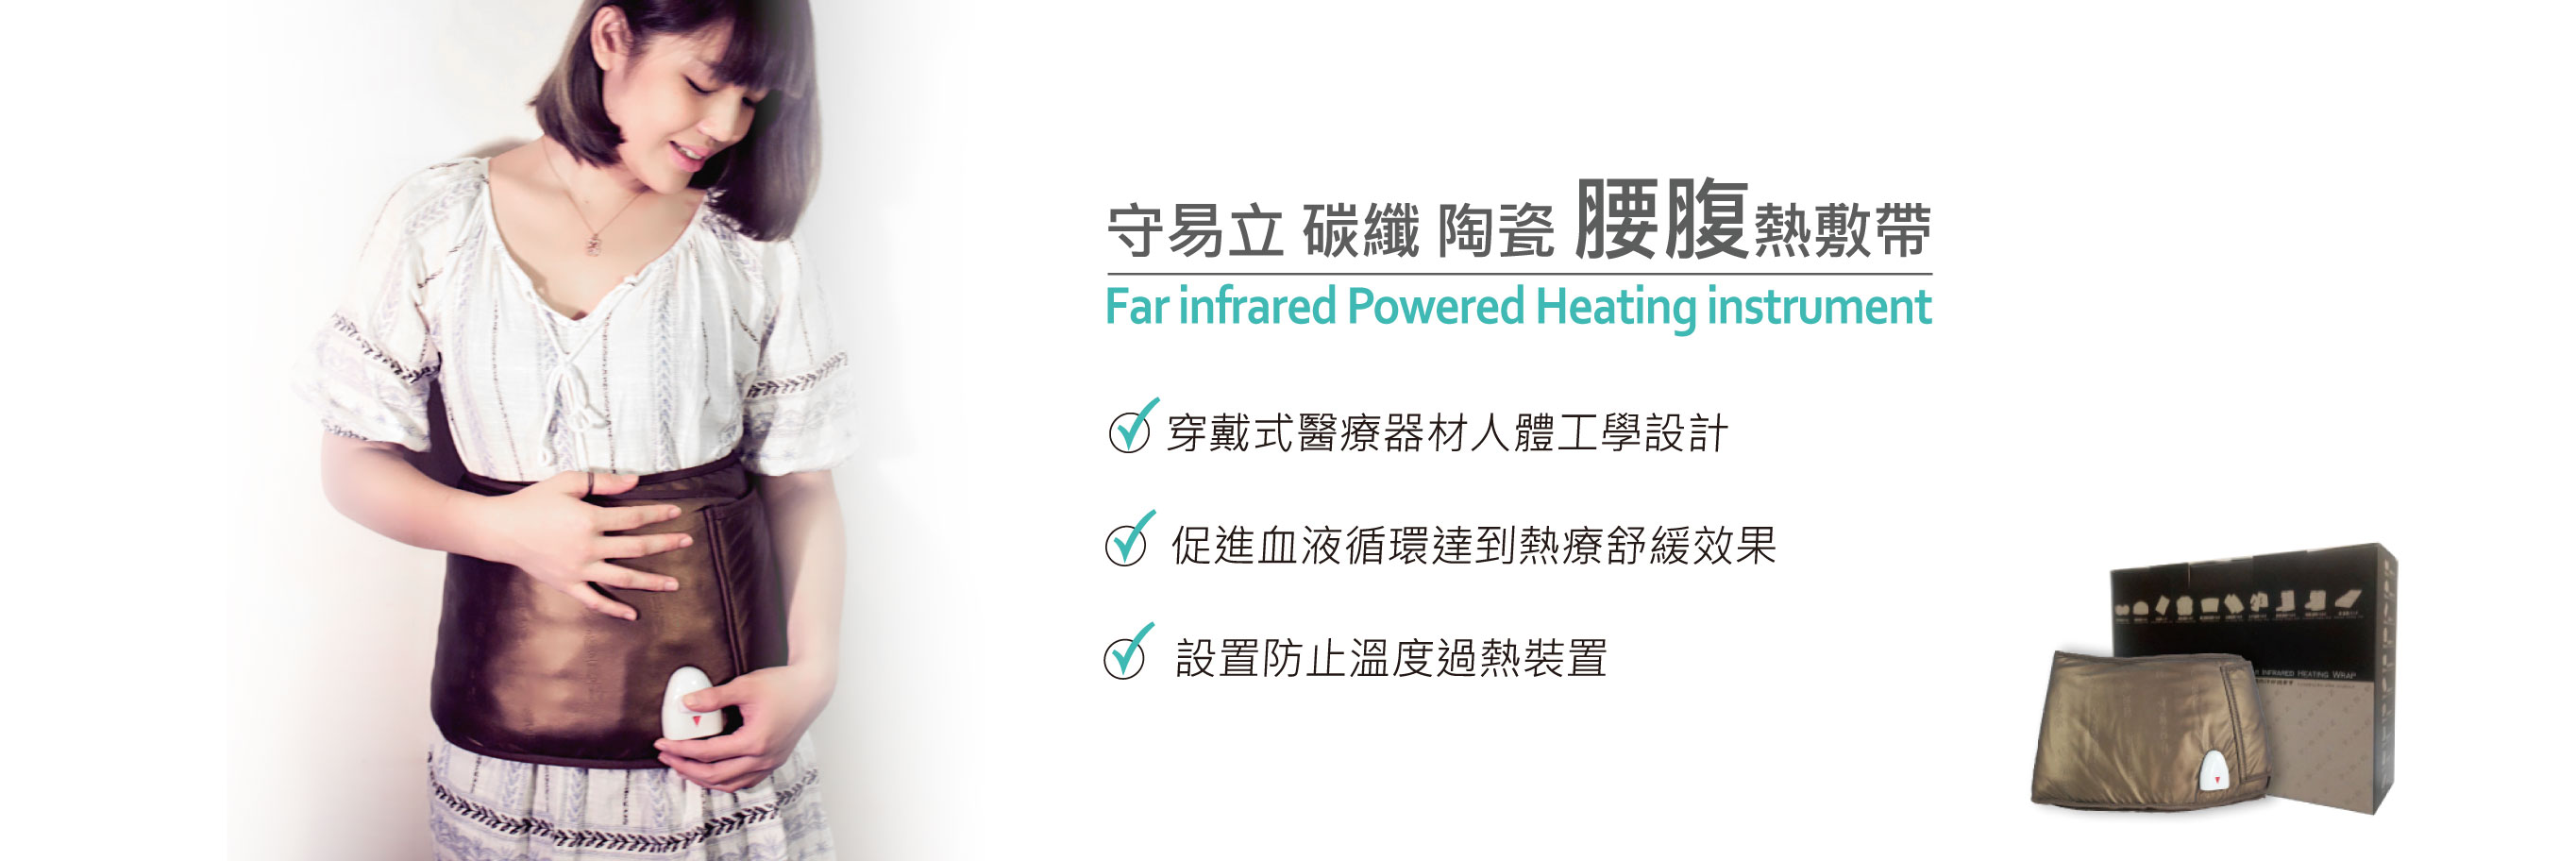 守易立碳纖陶瓷腰部熱敷、守易立產品優勢、遠紅外線、台灣製造、熱敷商品